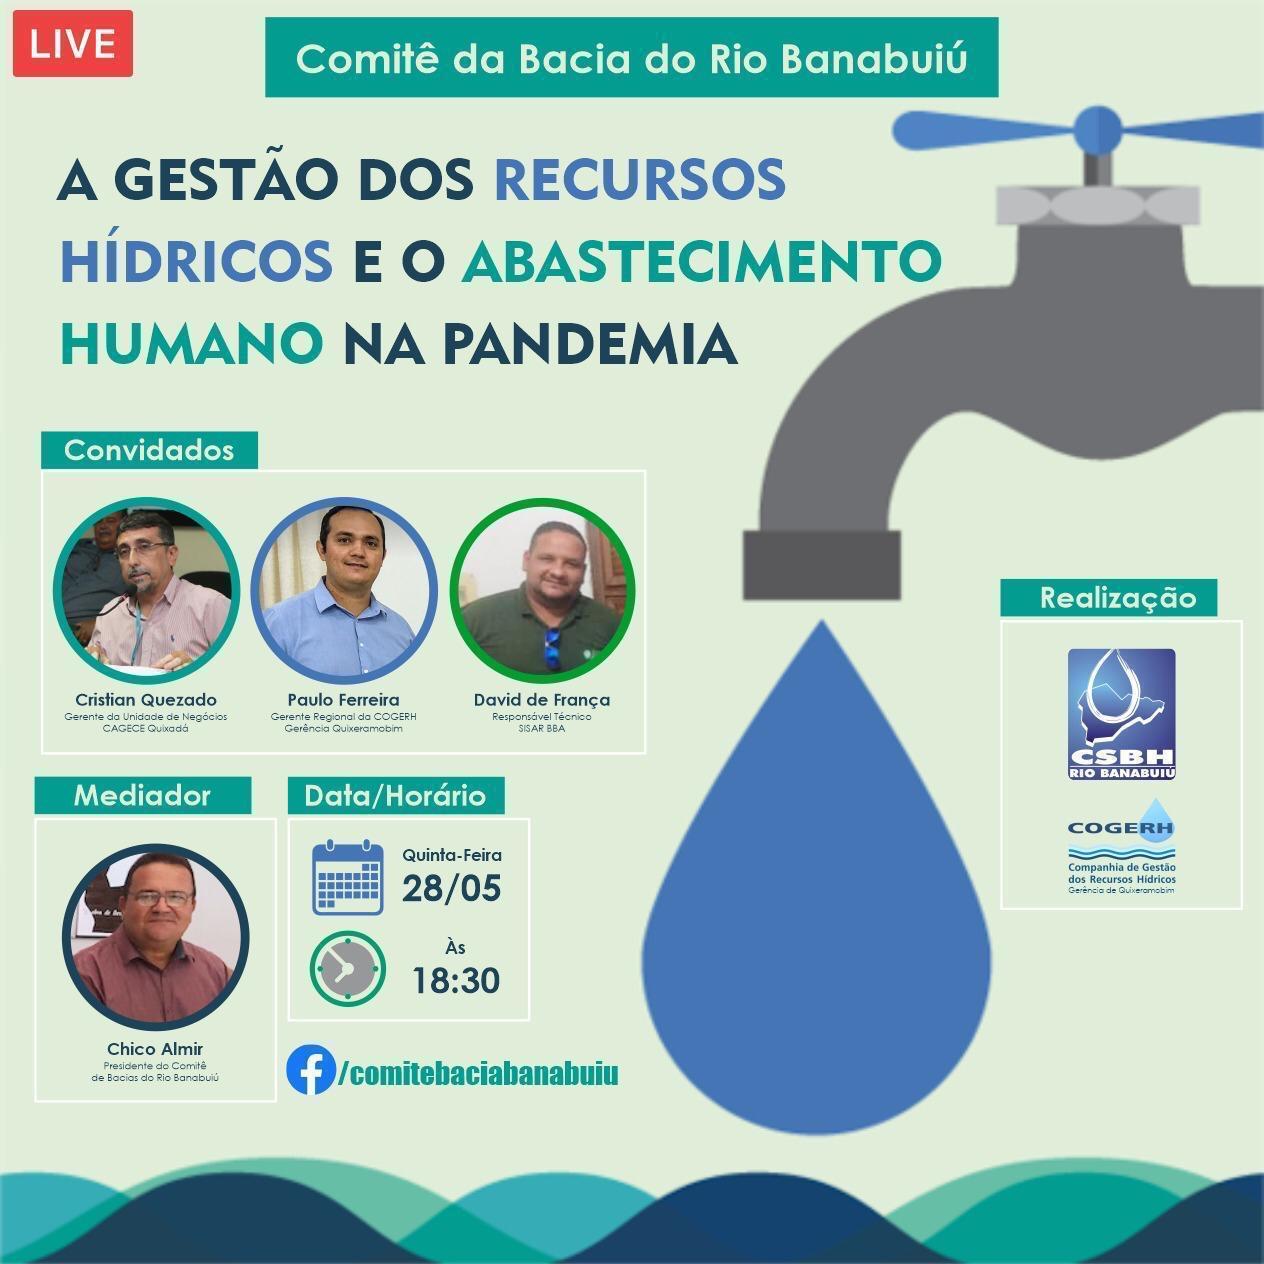 Comitê do Banabuiú realiza live sobre gestão de recursos hídricos durante a pandemia